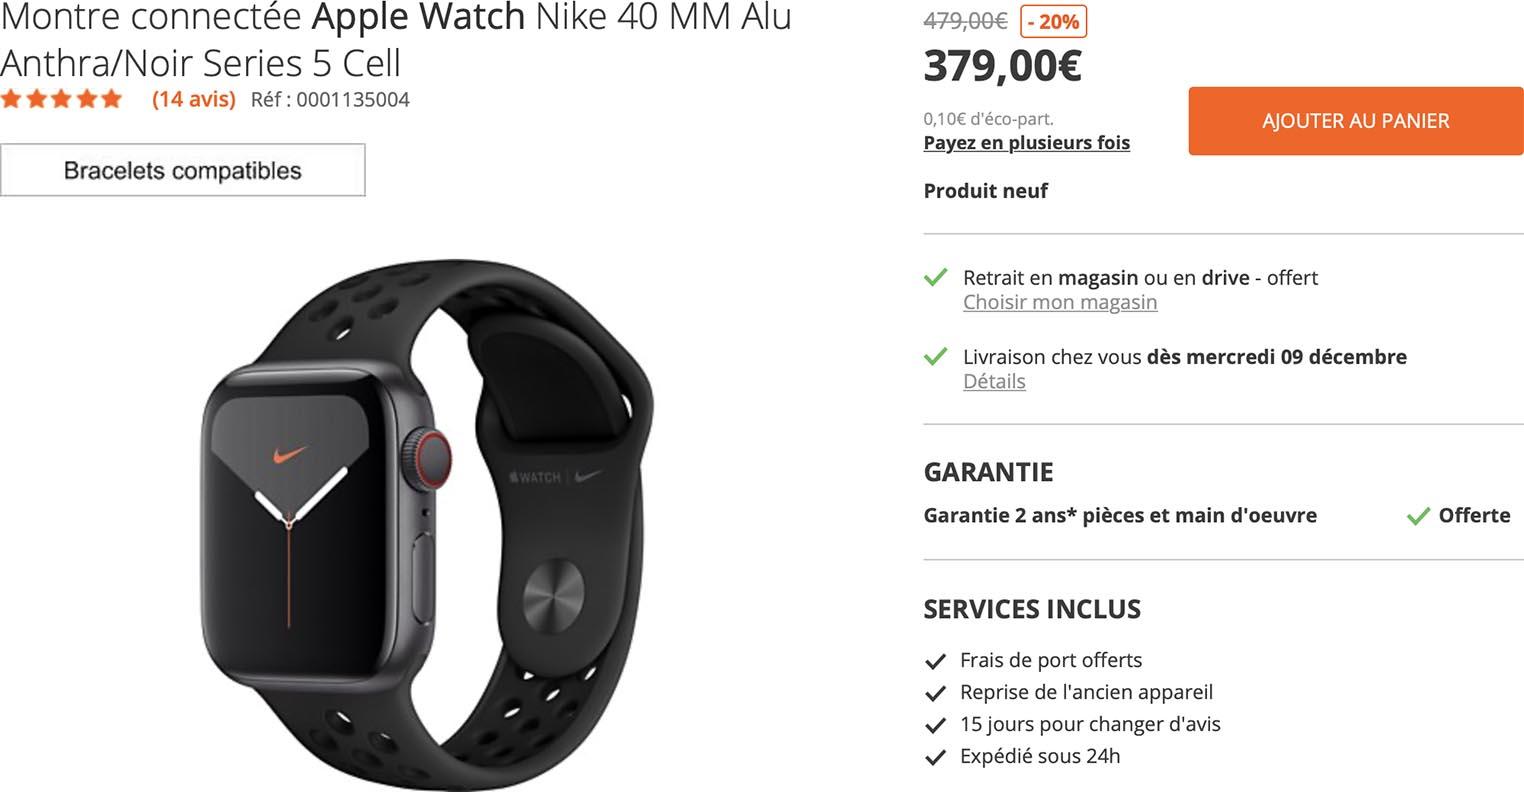 Apple Watch Series 5 Boulanger